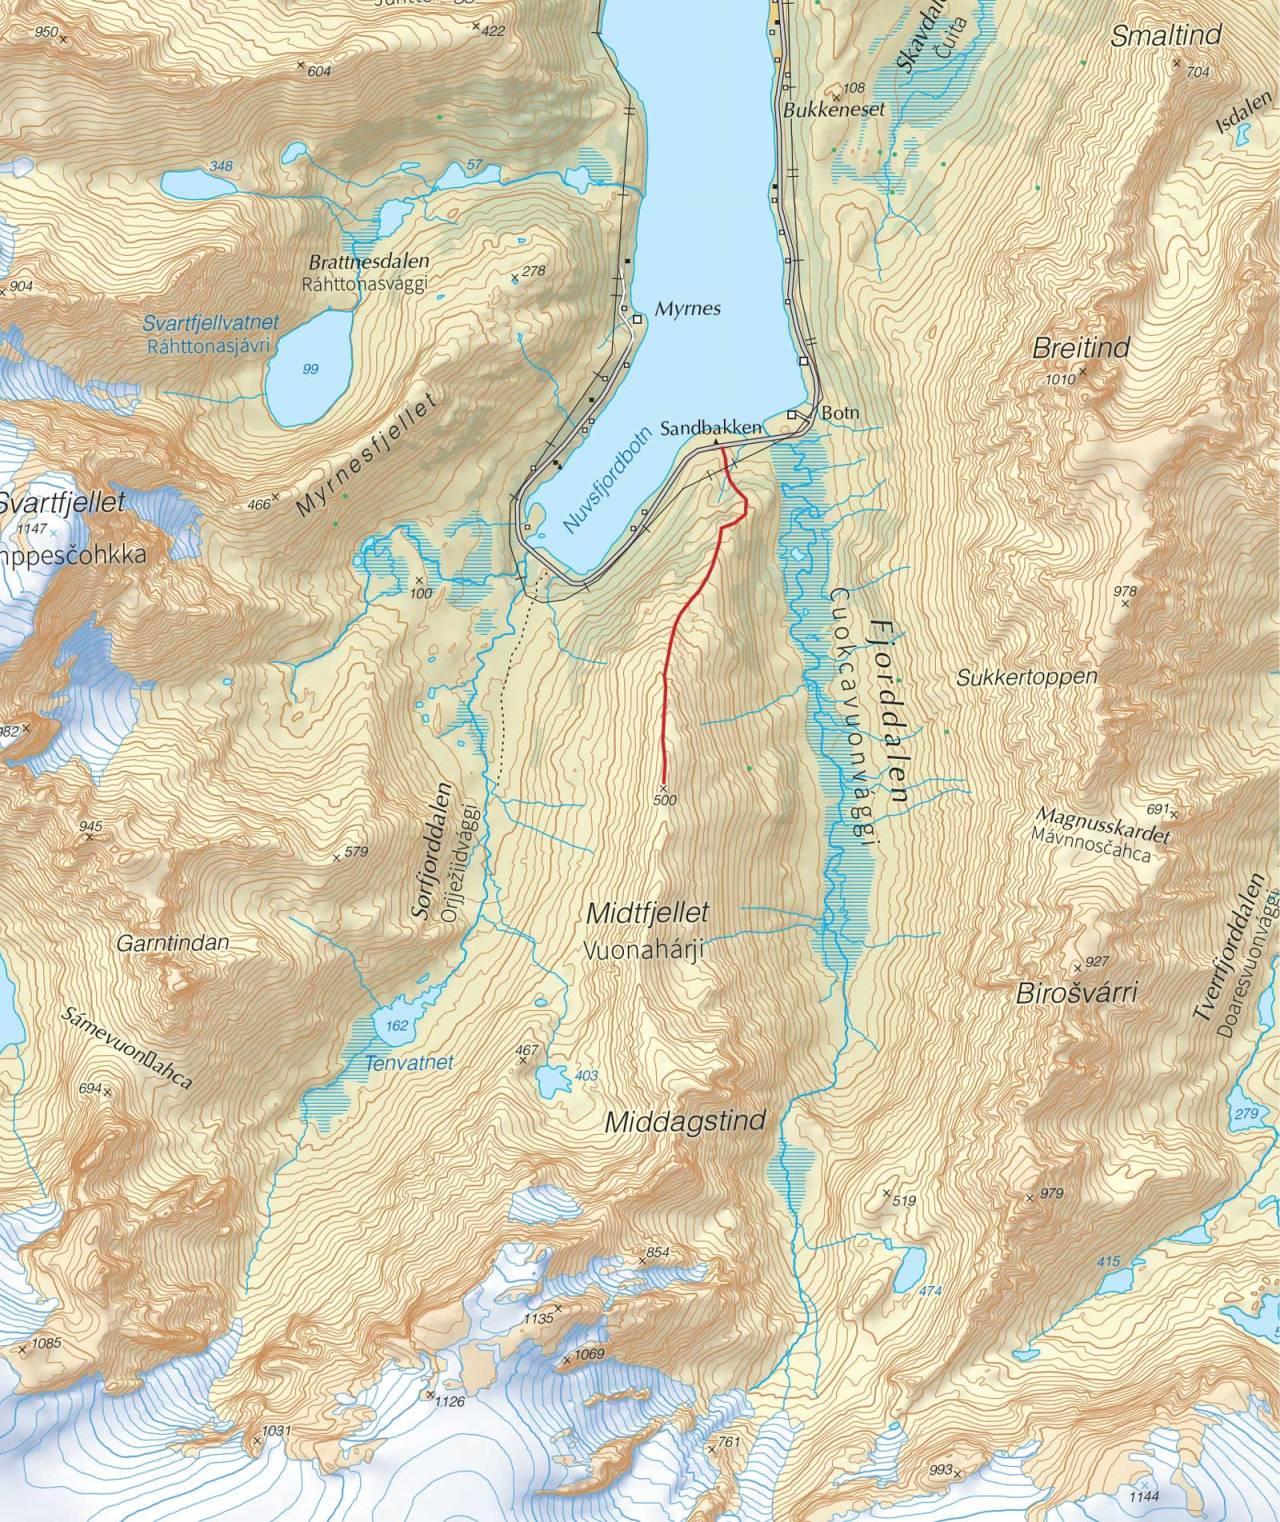 Kart over Midtfjellet med inntegnet rute. Fra Trygge toppturer.